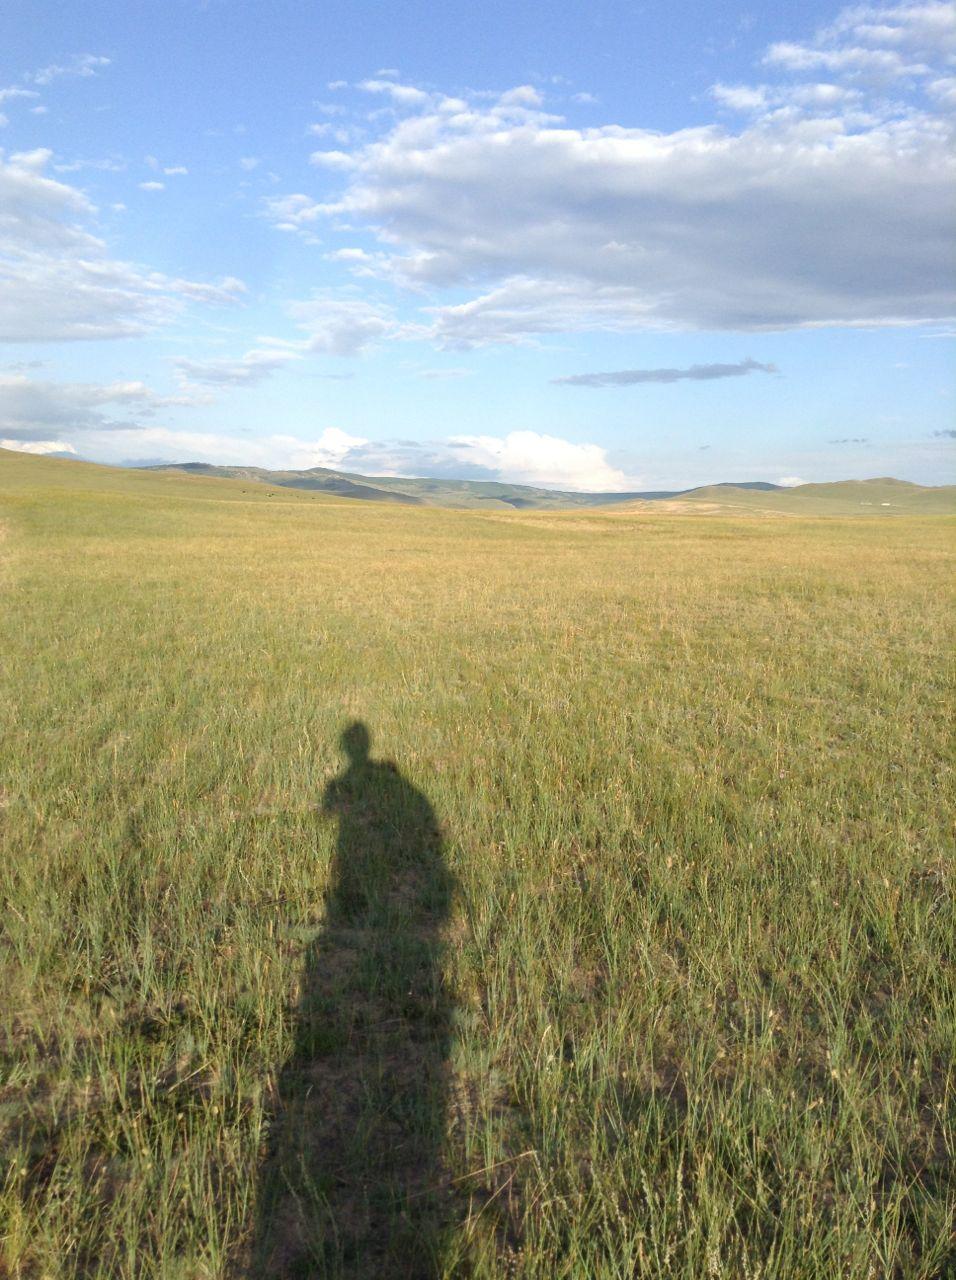 モンゴルで一年生活して 出国前の最後の日に・・・